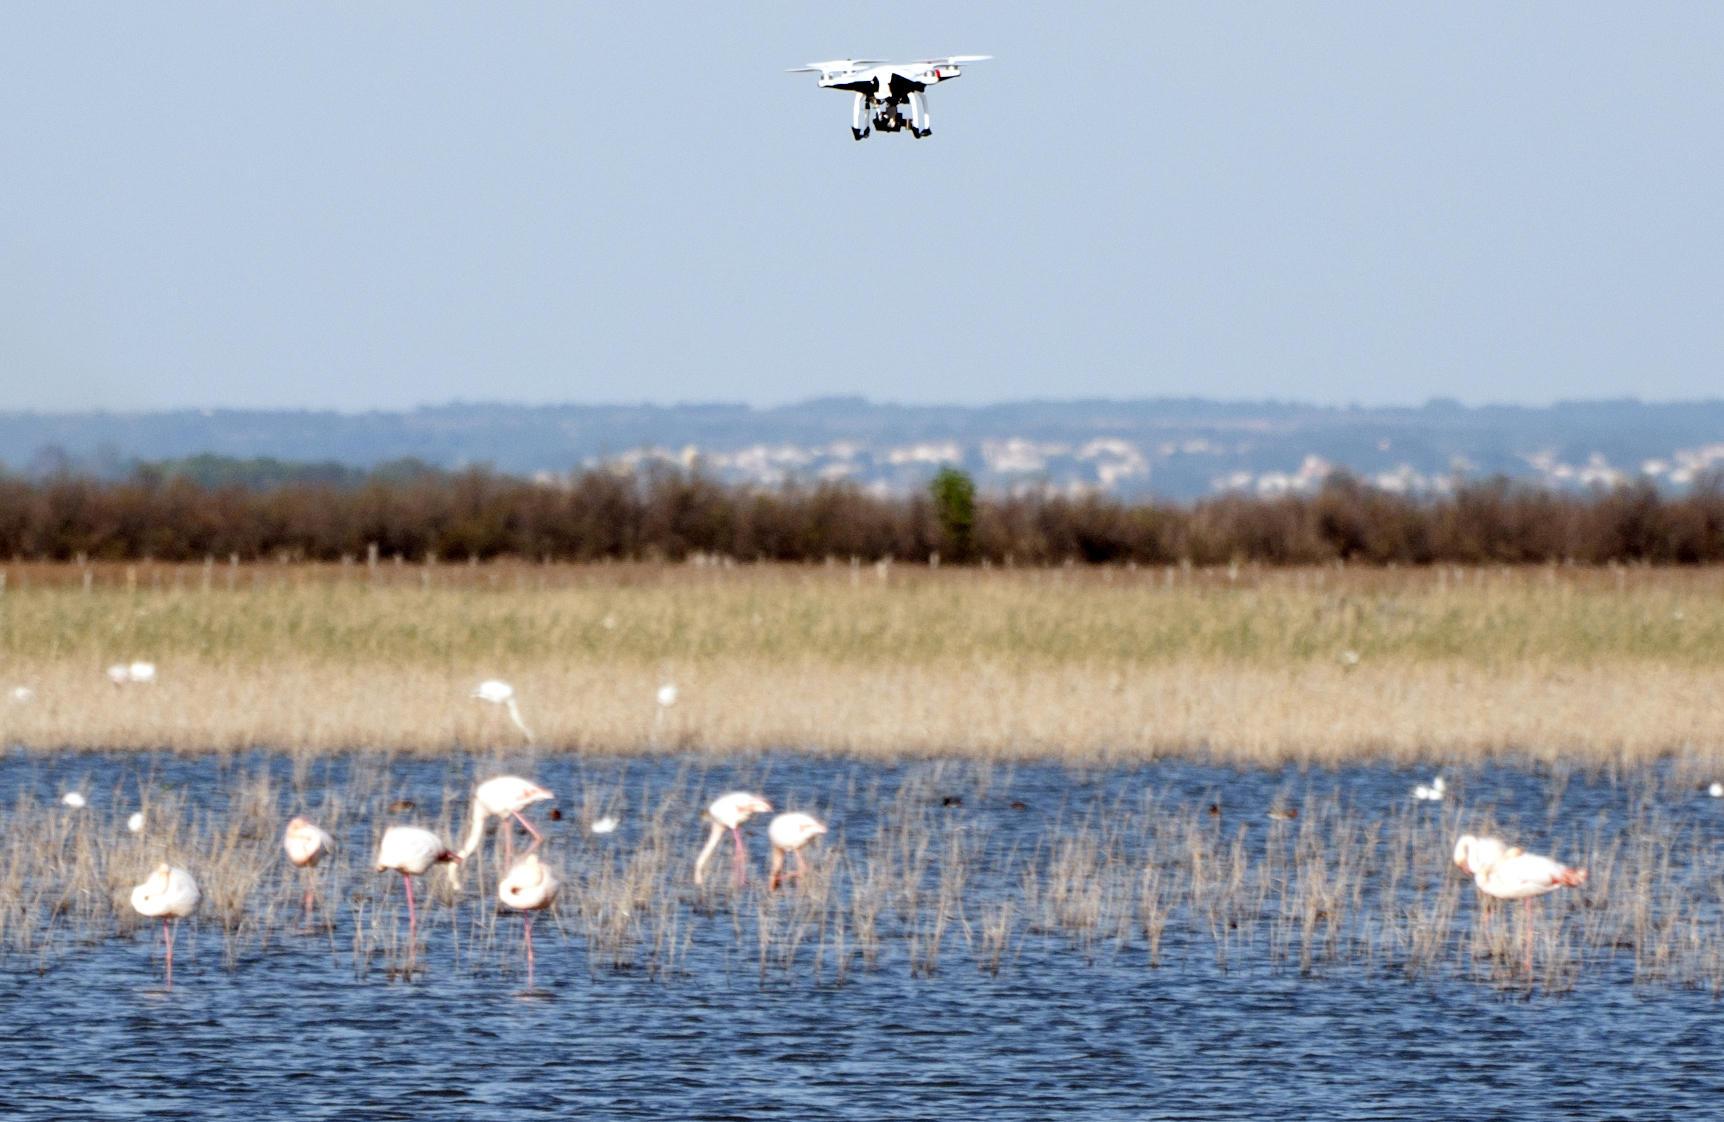 Un drone survole un groupe de flamands roses.